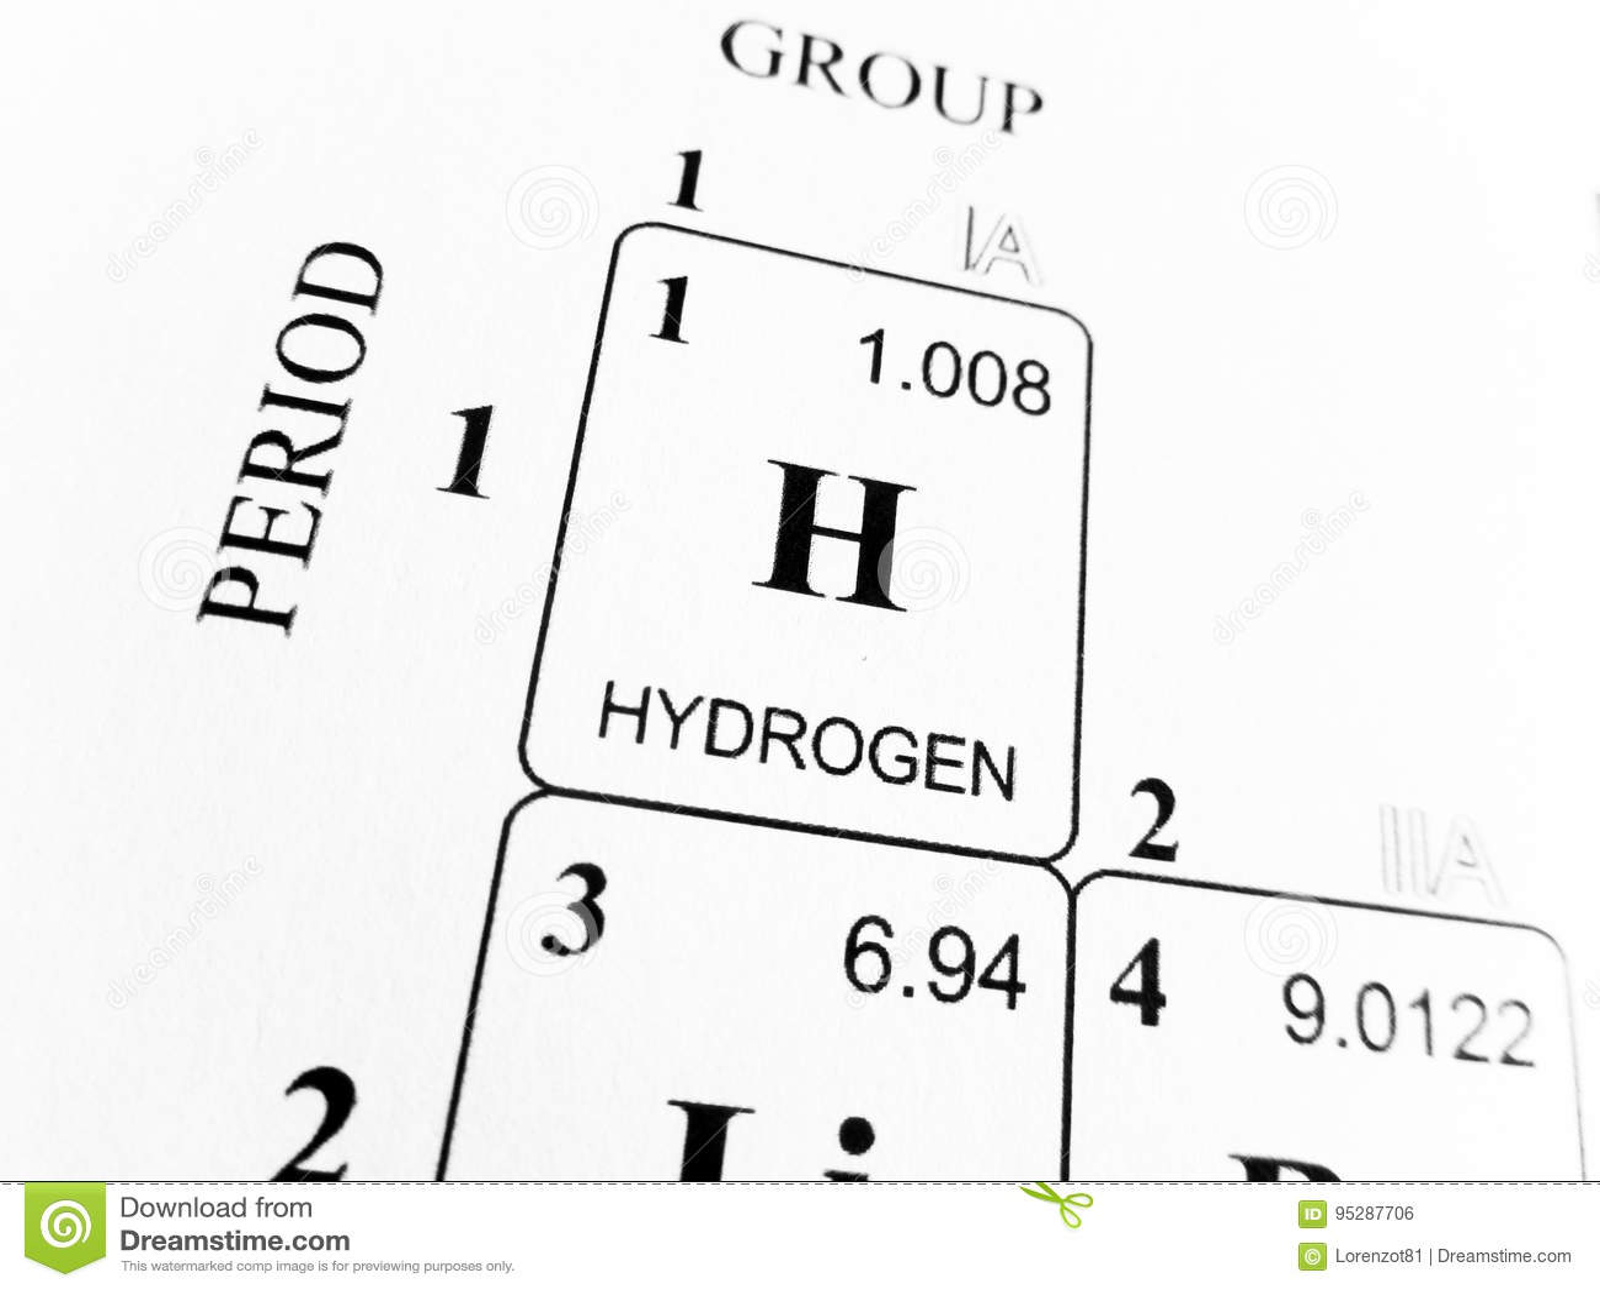 Hidrgeno en la tabla peridica de los elementos foto de archivo download hidrgeno en la tabla peridica de los elementos foto de archivo imagen de futuro urtaz Image collections